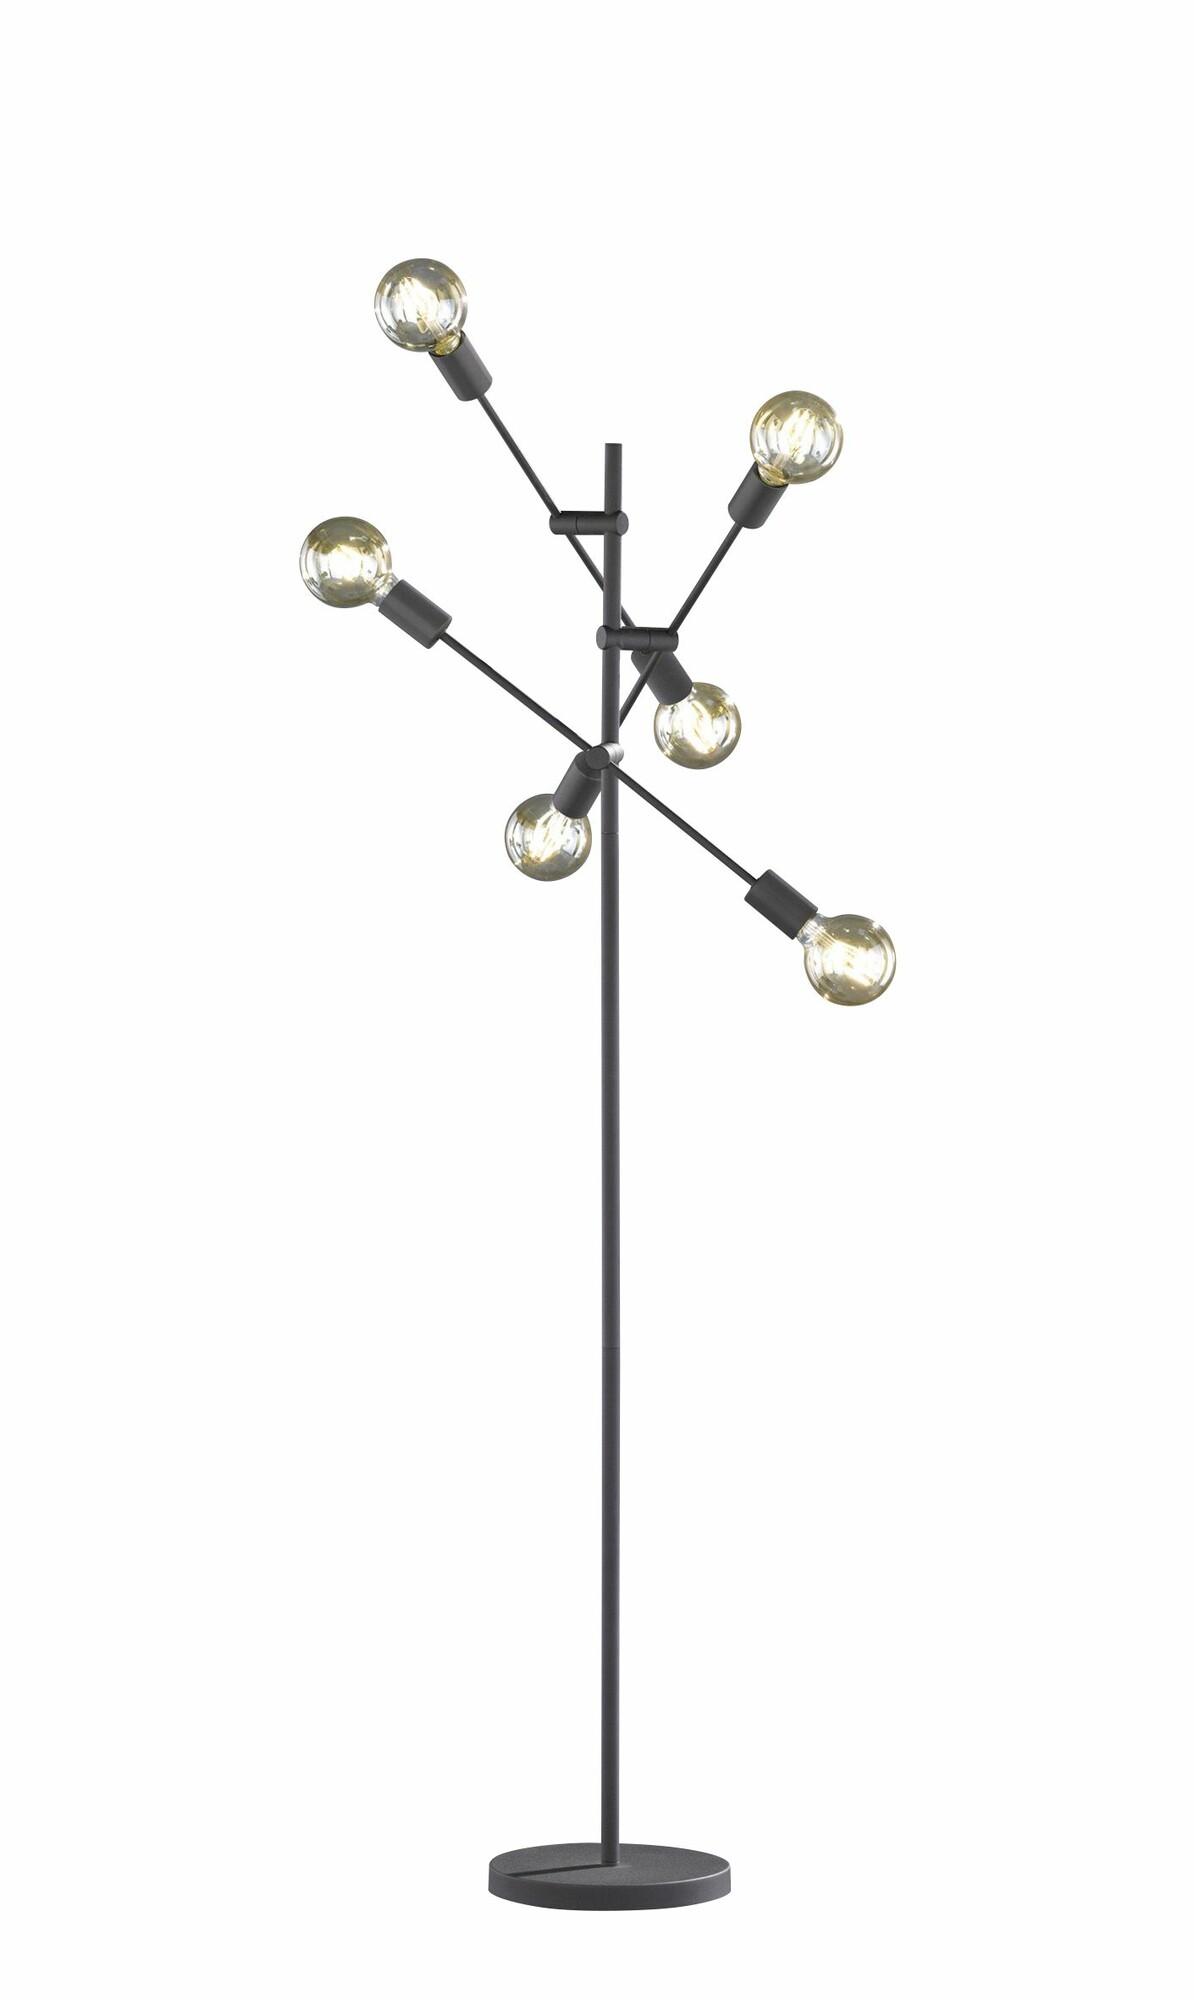 CRASS Vloerlamp E27 6x Zwart